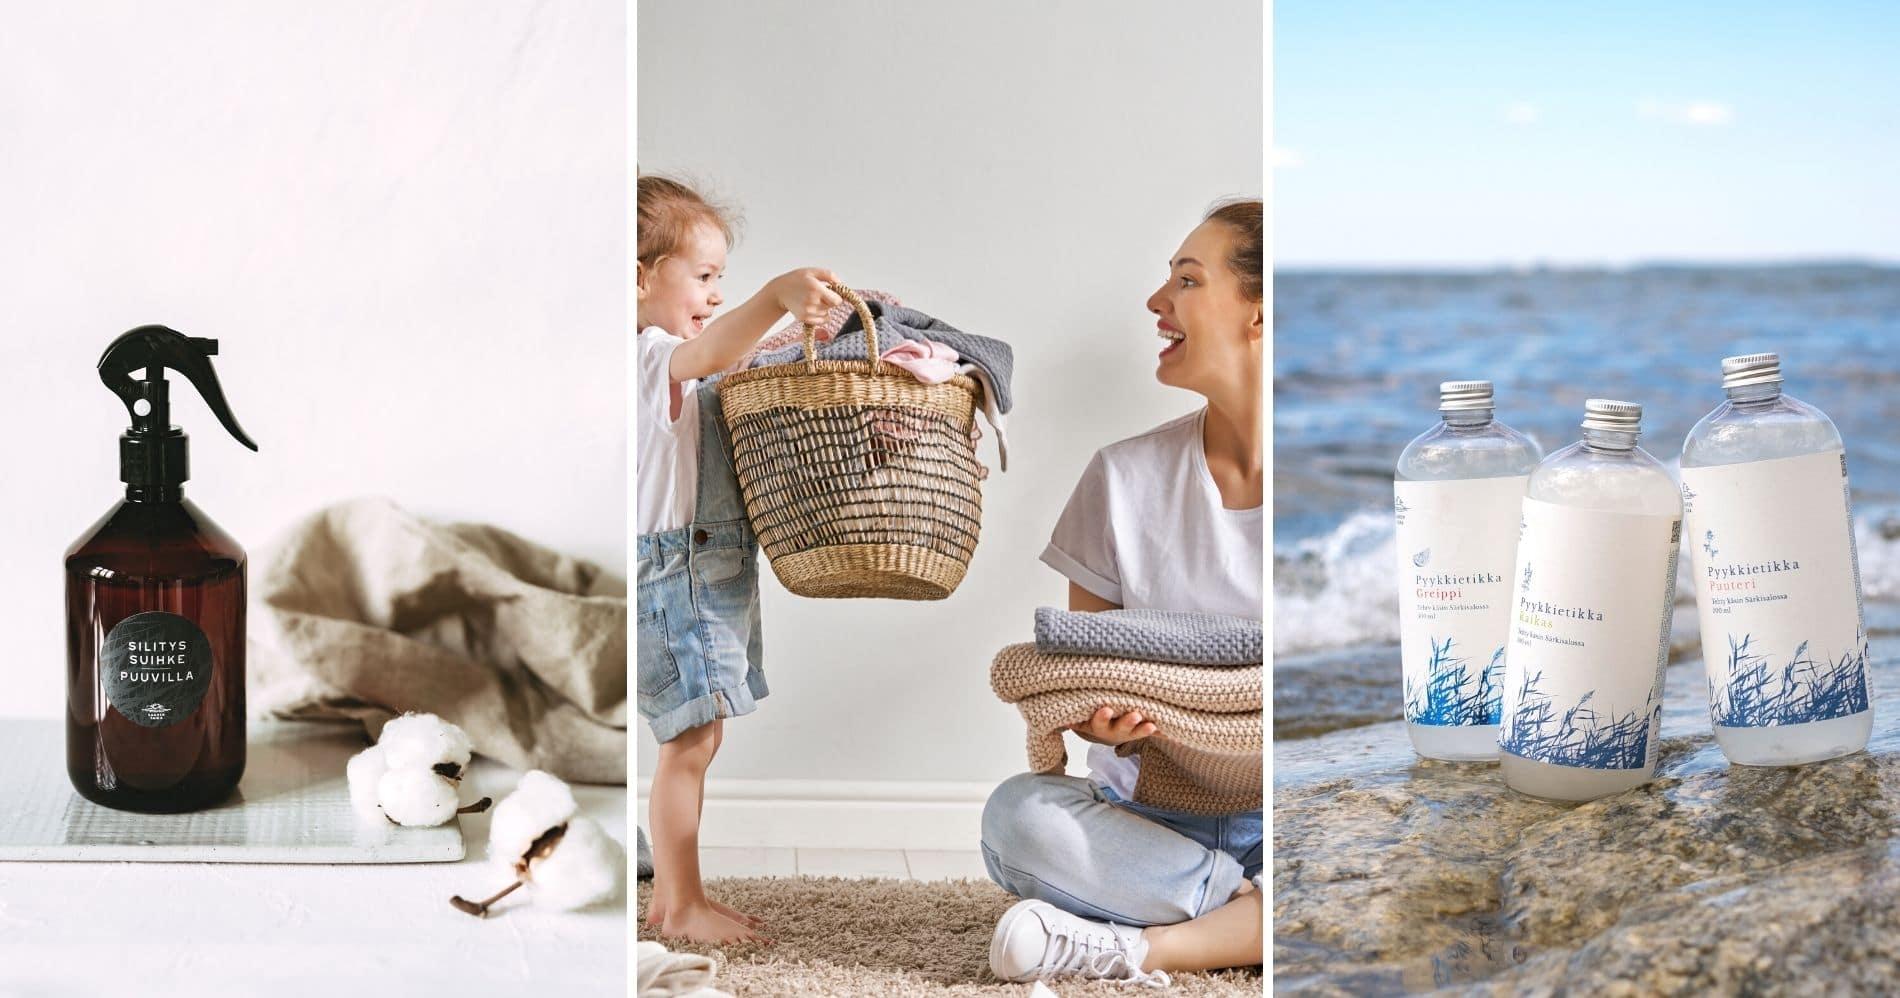 100% biohajoavat ja ympäristölle ystävälliset Saaren Taika pyykkietikat ovat vegaanisia ja eläinkokeettomia (1)